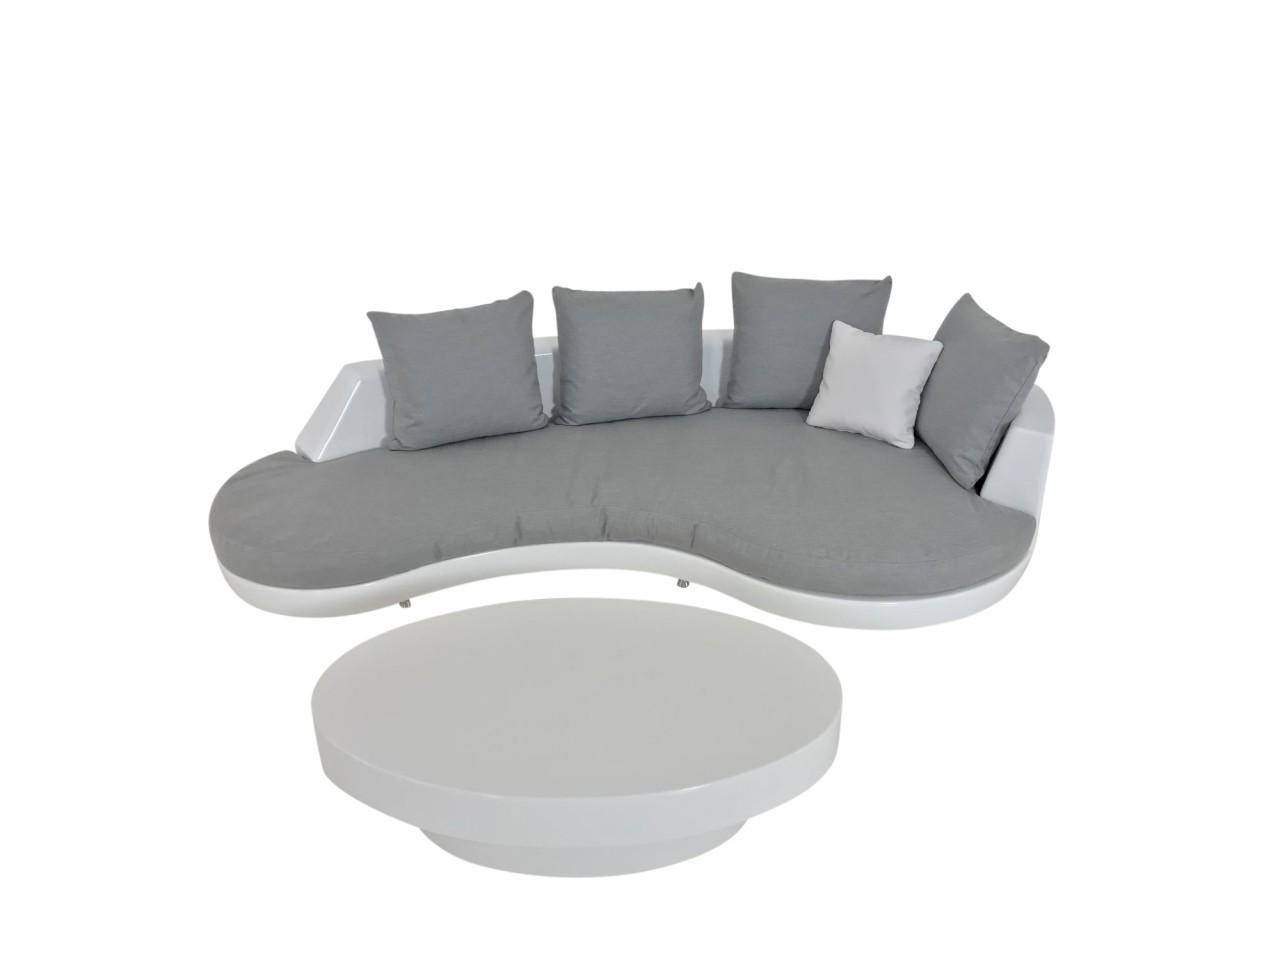 Rausch DIVA Garten Sofa in weiß mit grauen Kissenset inkl. Couchtisch